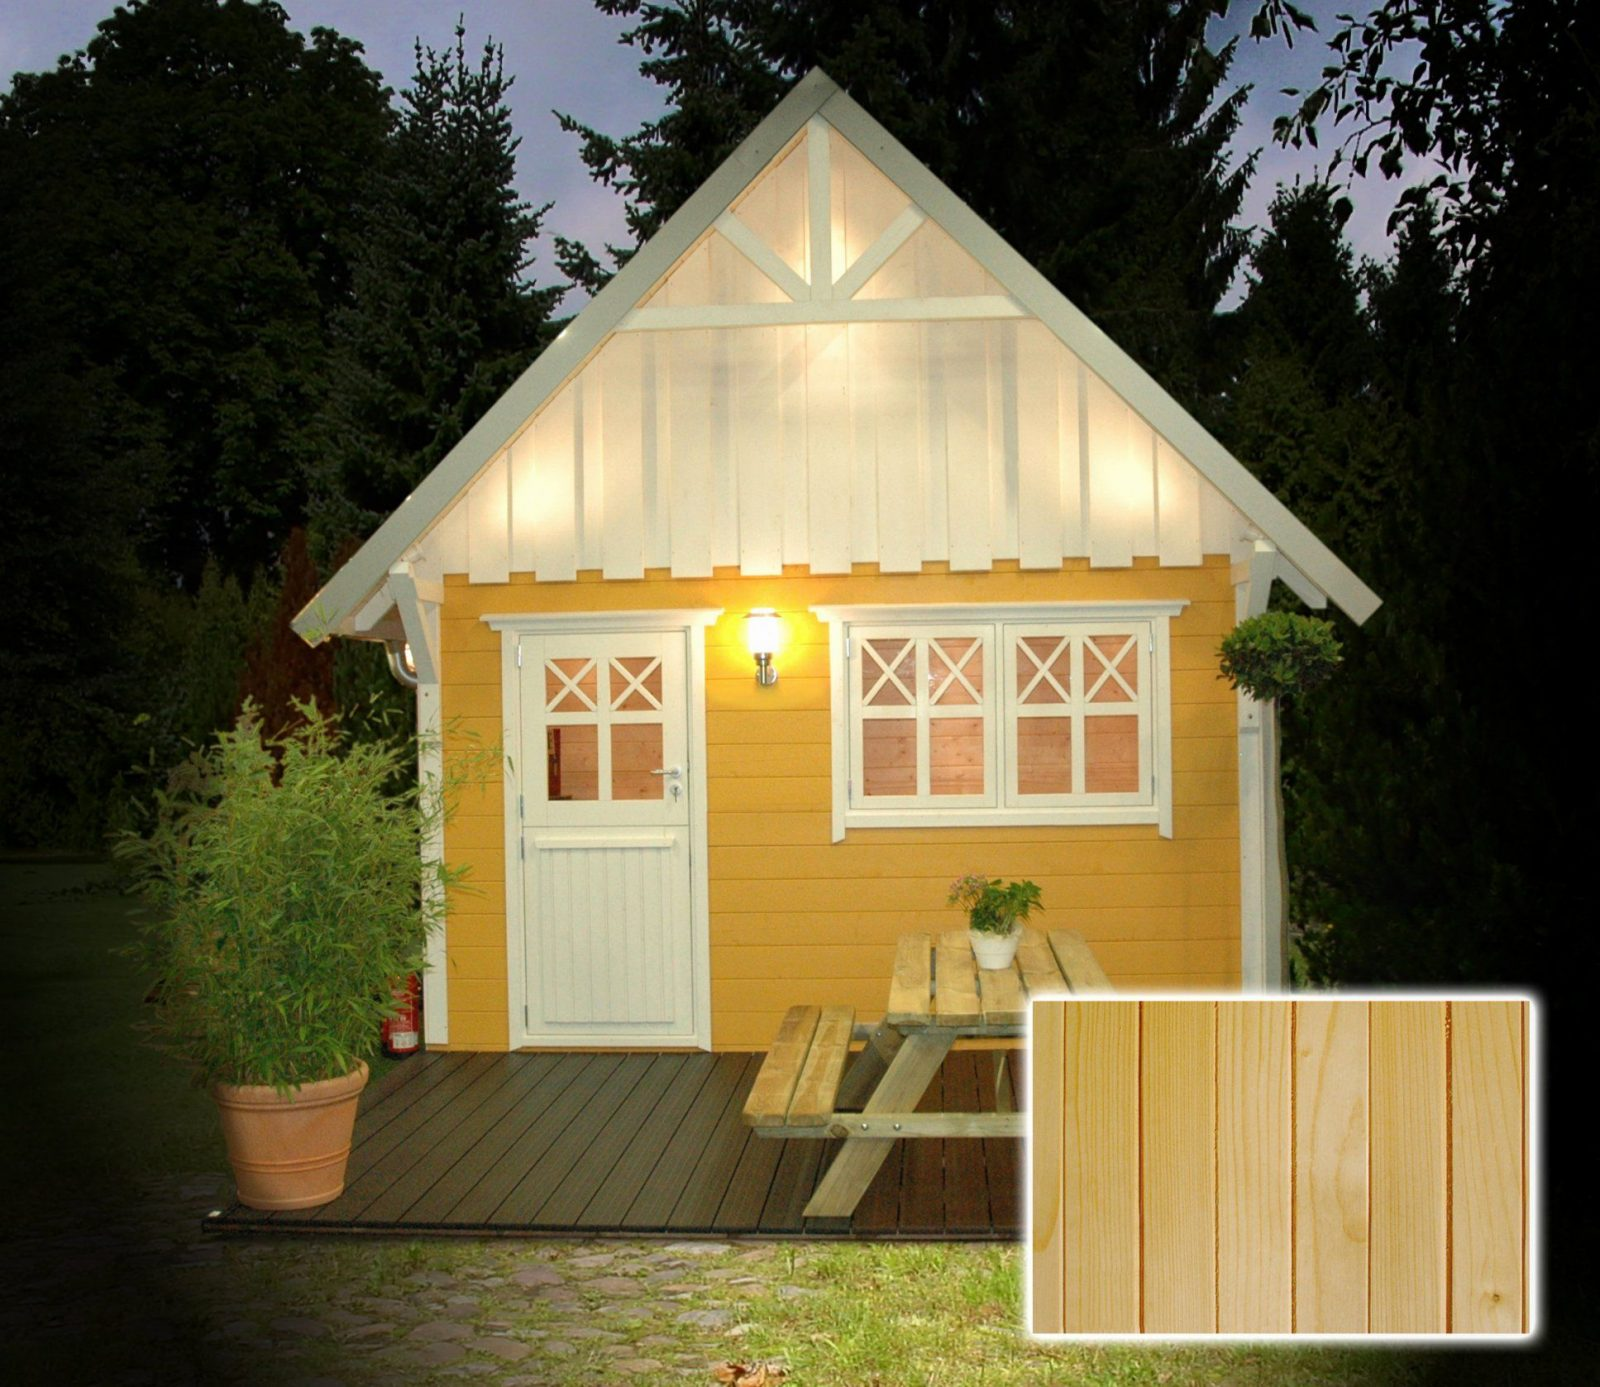 Holzpaneele Streichen Ohne Schleifen Neu Lack Für Türen Innen Tc39 von Holzpaneele Streichen Ohne Schleifen Photo